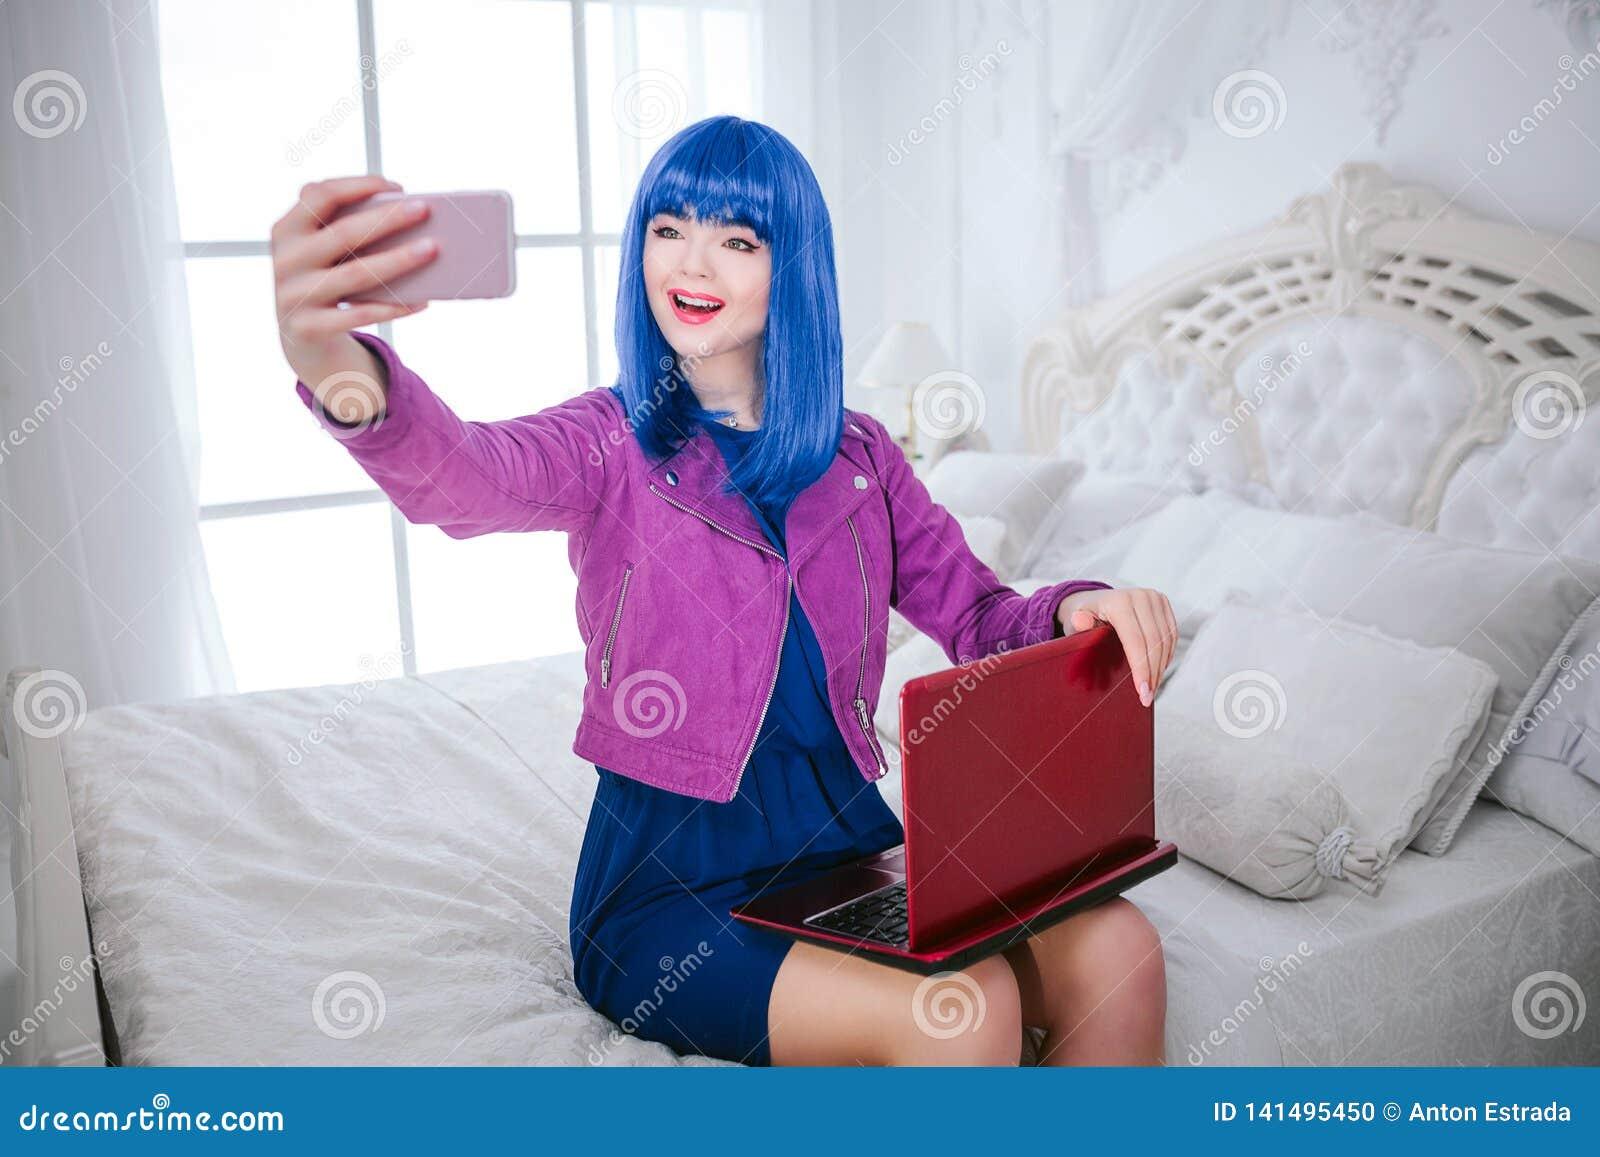 Modna pokraka Splendor uśmiechnięta piękna kobieta z błękitnym włosy i modnym makeup trzyma komputerowy i robi selfie